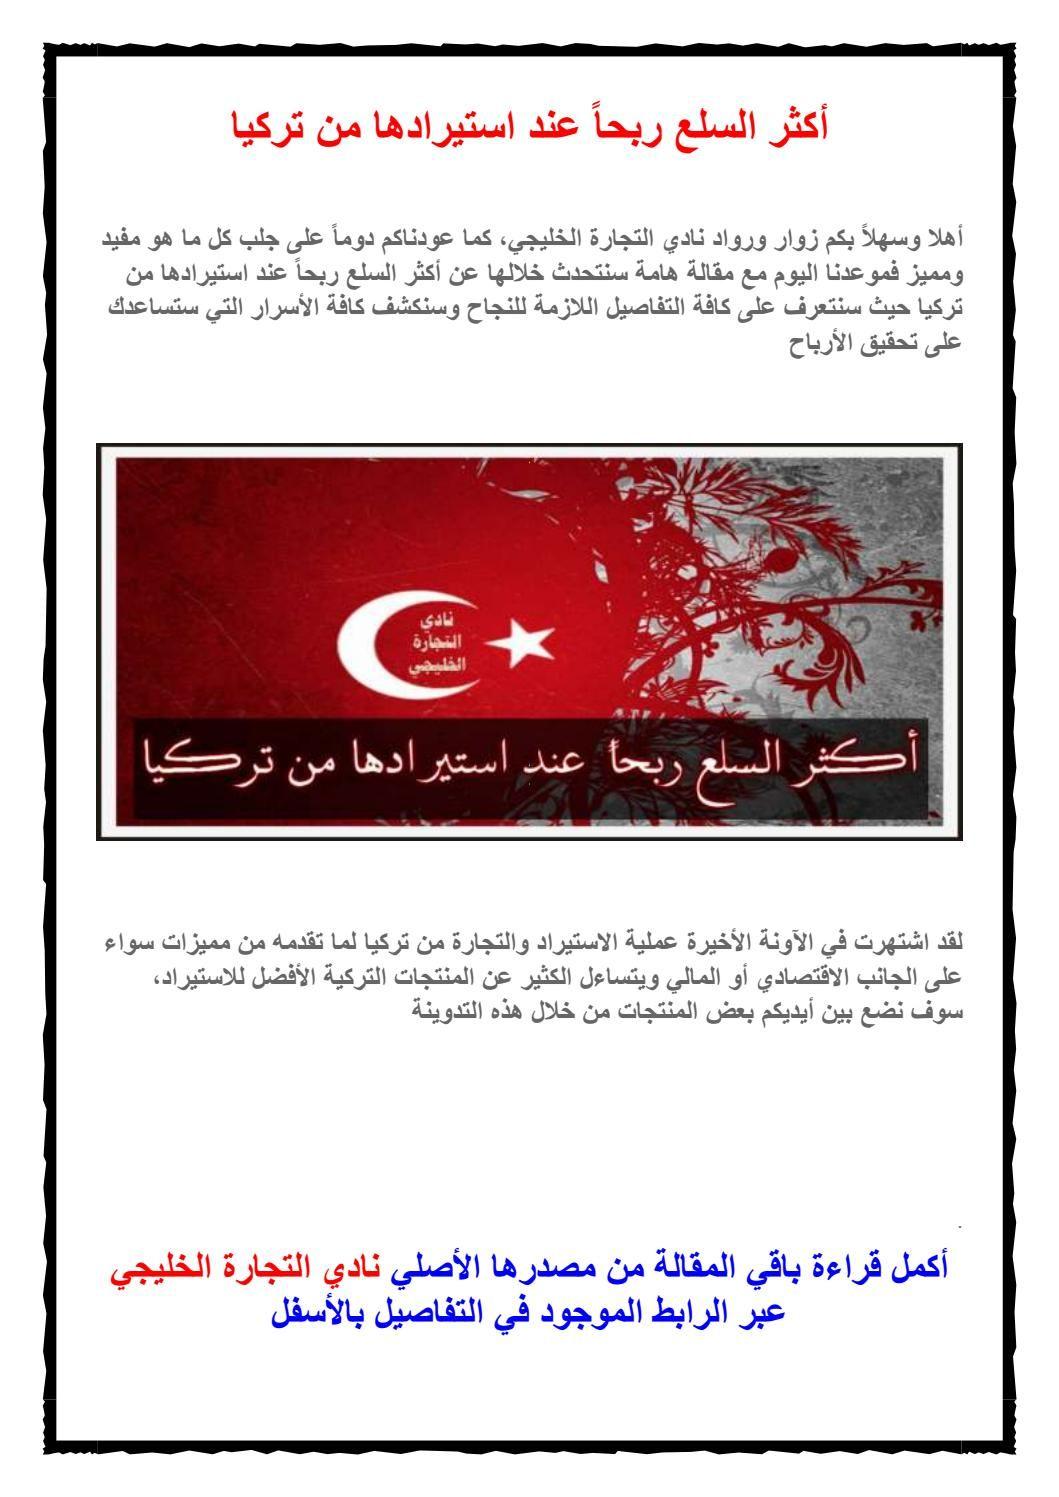 أكثر السلع ربحا عند استيرادها من تركيا Microsoft Word Document Words Finance